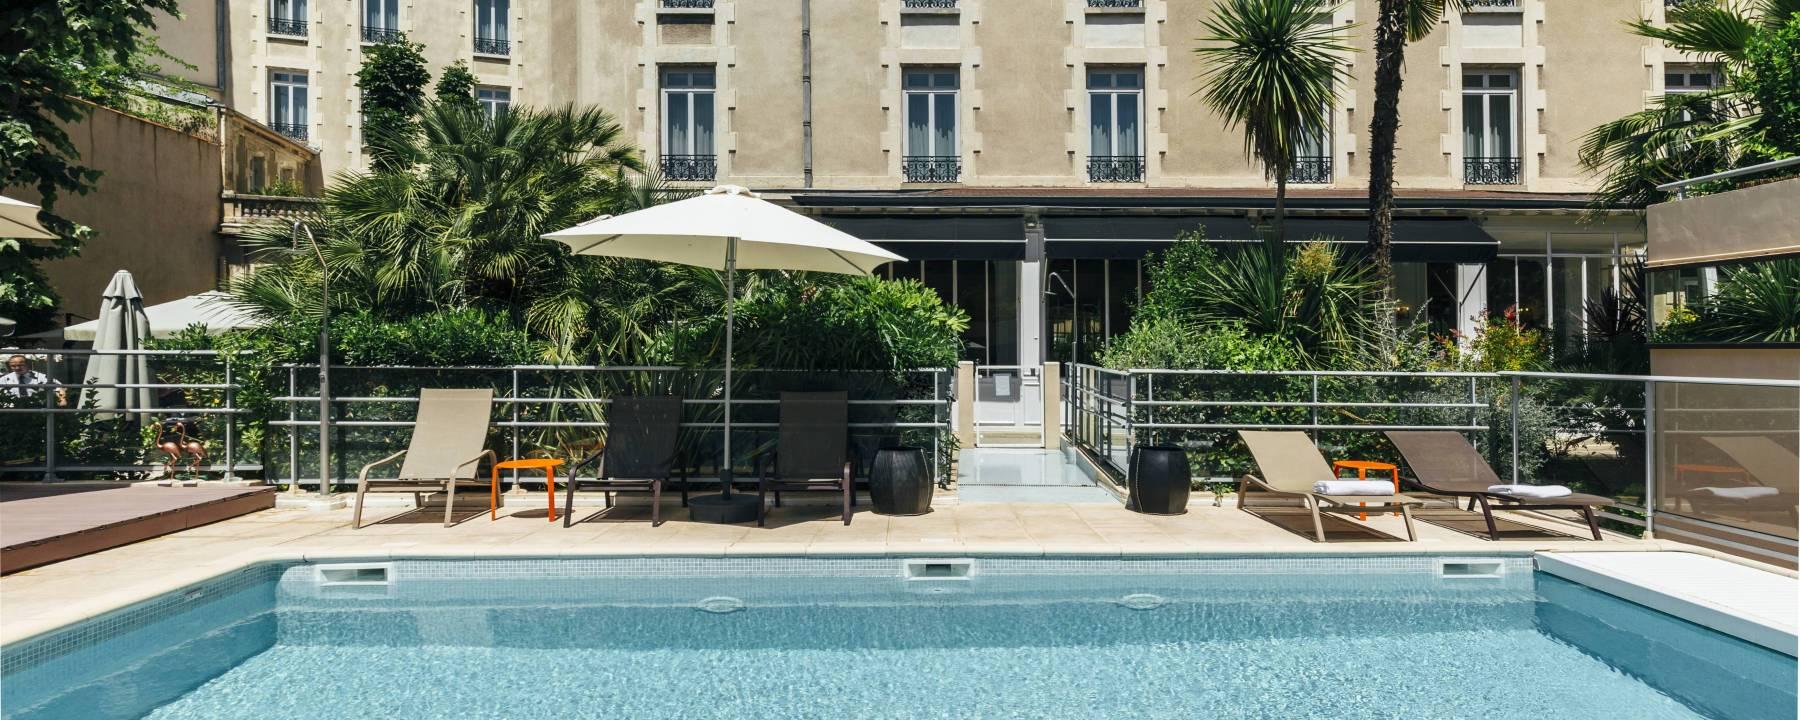 Hôtel Oceania Le Métropole Montpellier ***** Montpellier intérieur Hotel Avec Piscine Montpellier